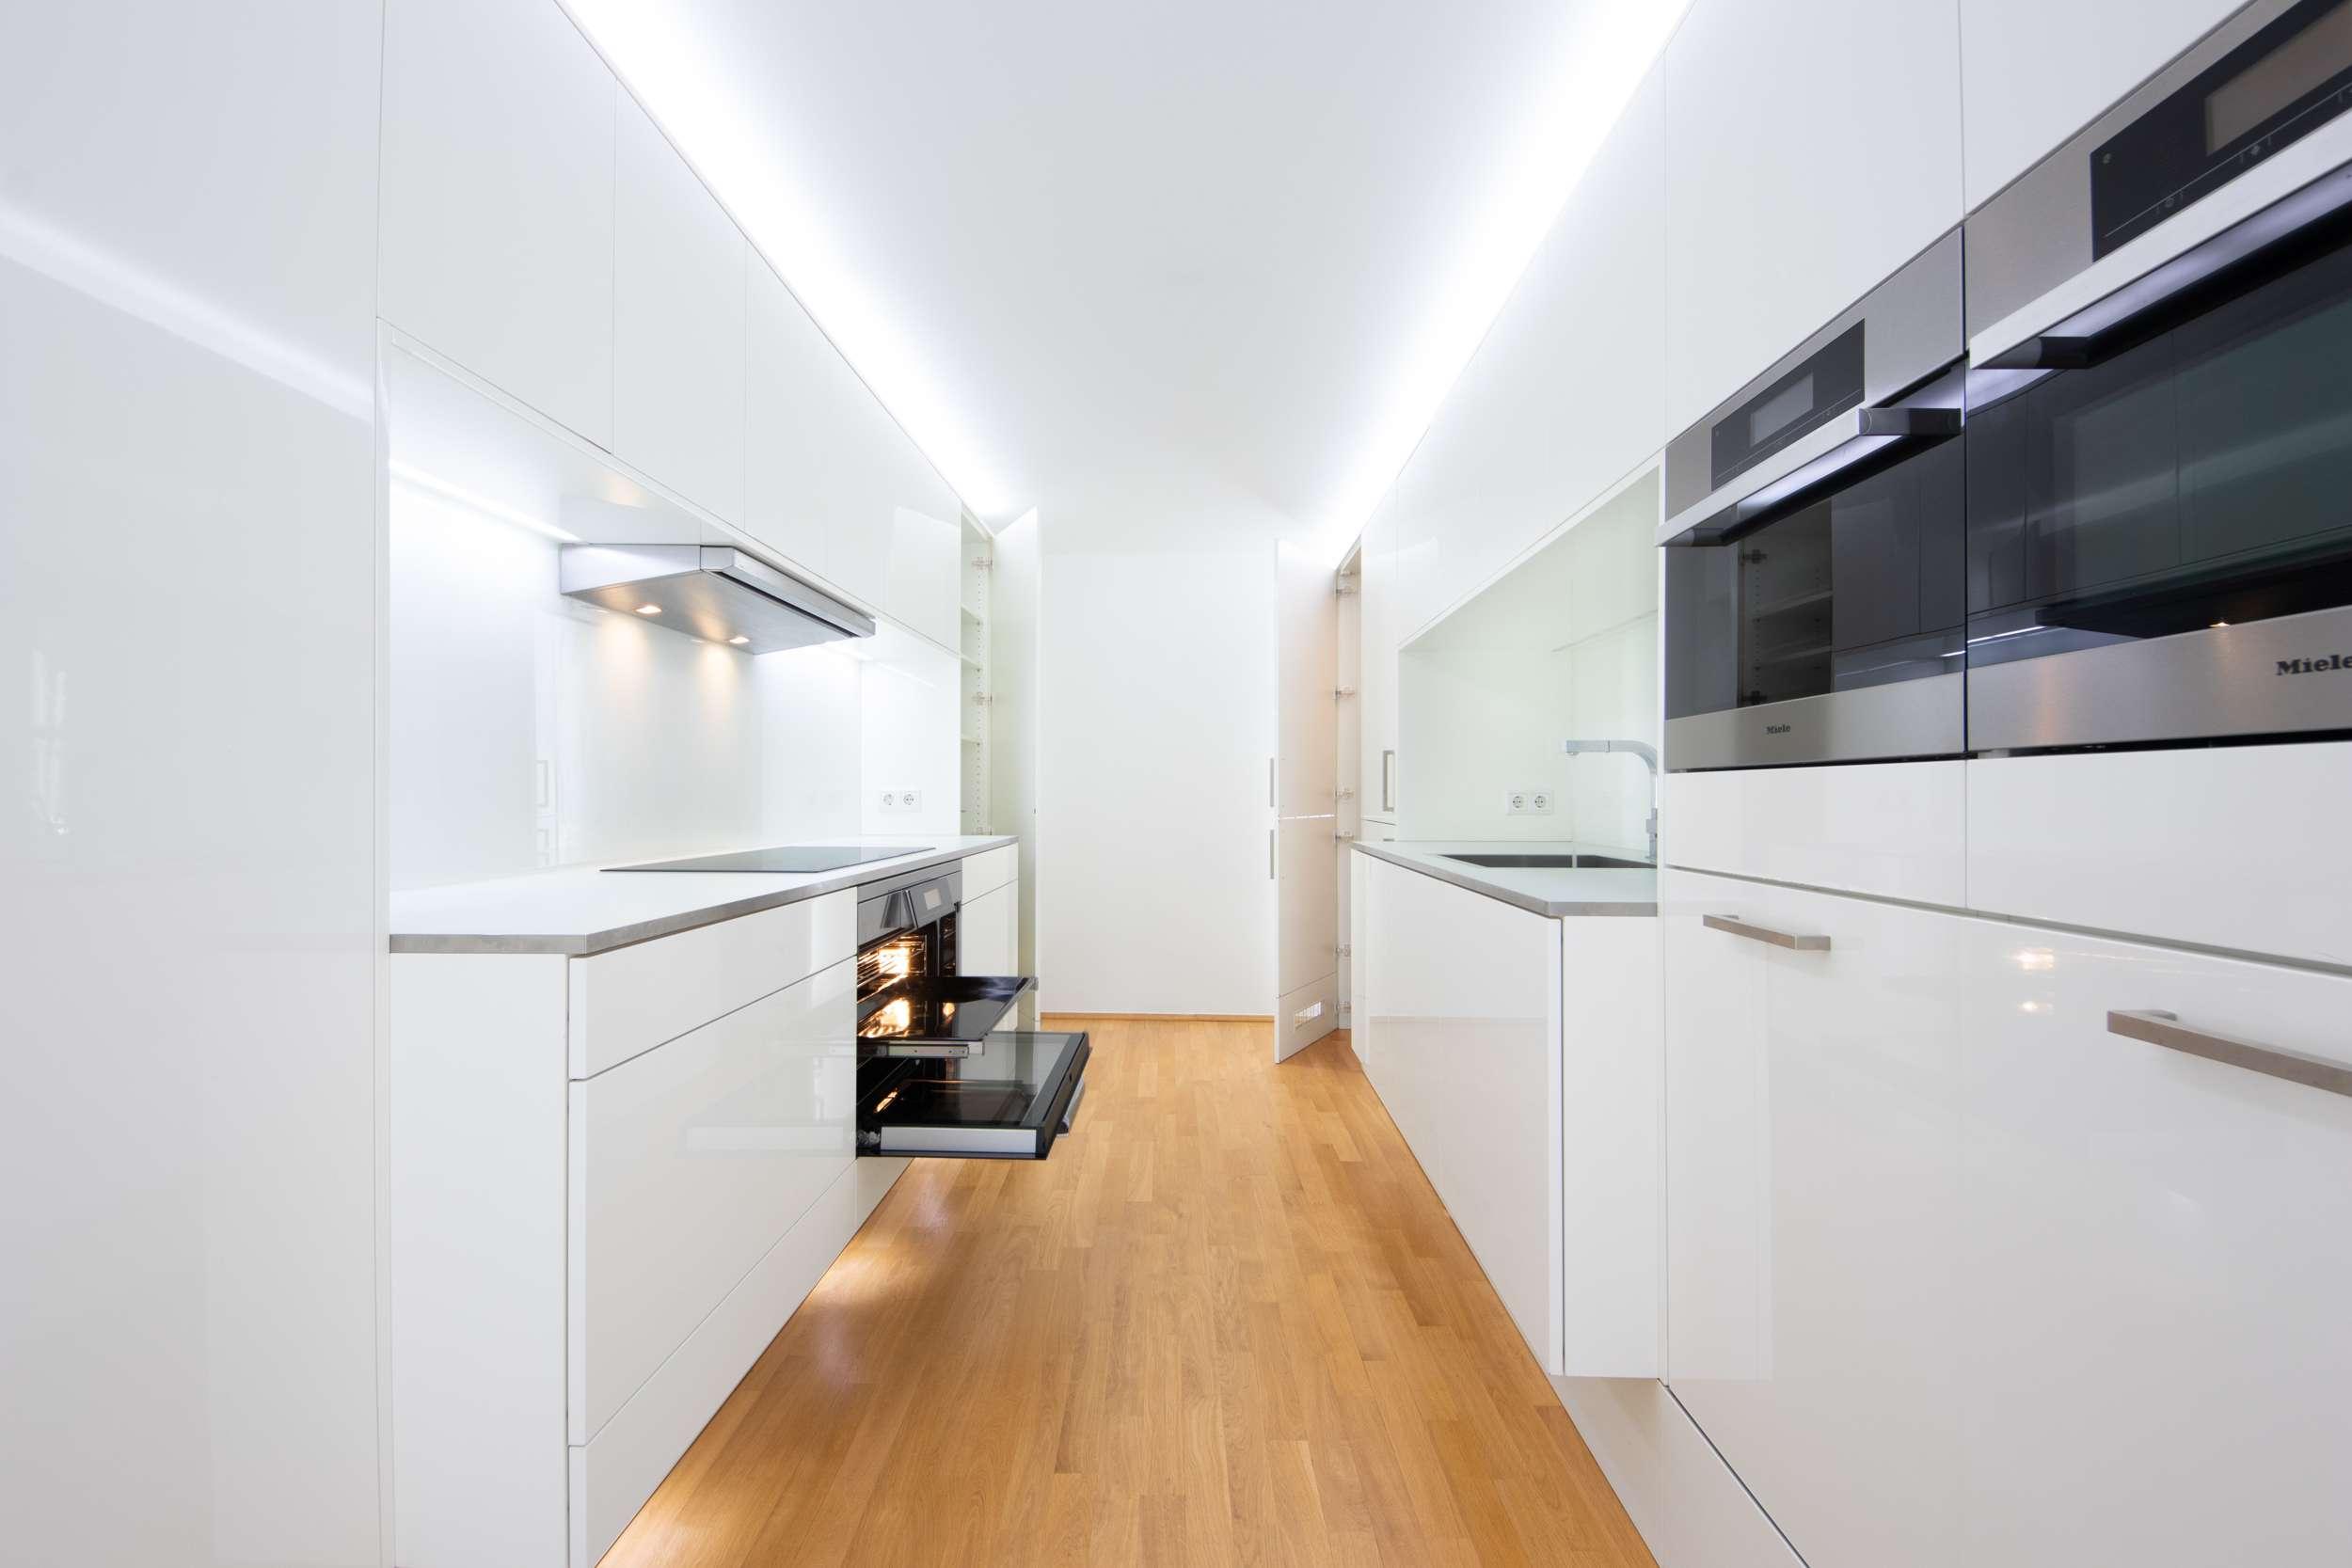 Großzügige lichtdurchflutete Wohnung direkt am Haidplatz mit Traumküche in